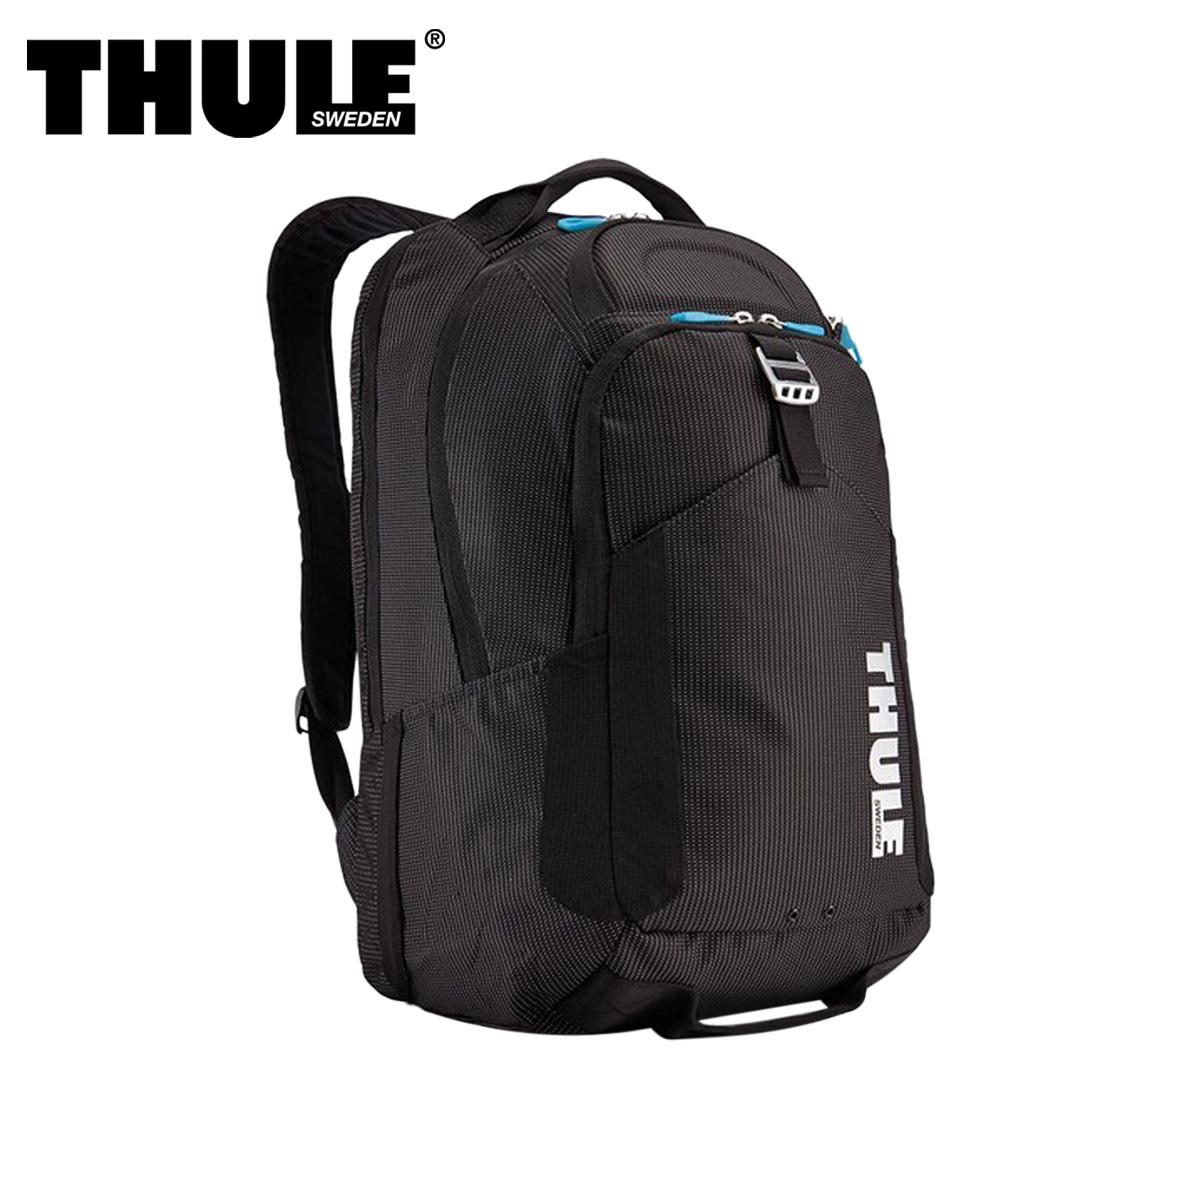 送料無料 あす楽対応 スーリー THULE クロスオーバー 完全送料無料 リュック 2020 バッグ バックパック カバン レディース CROSSOVER メンズ 黒 32L 鞄 ブラック BACKPACK 3201991